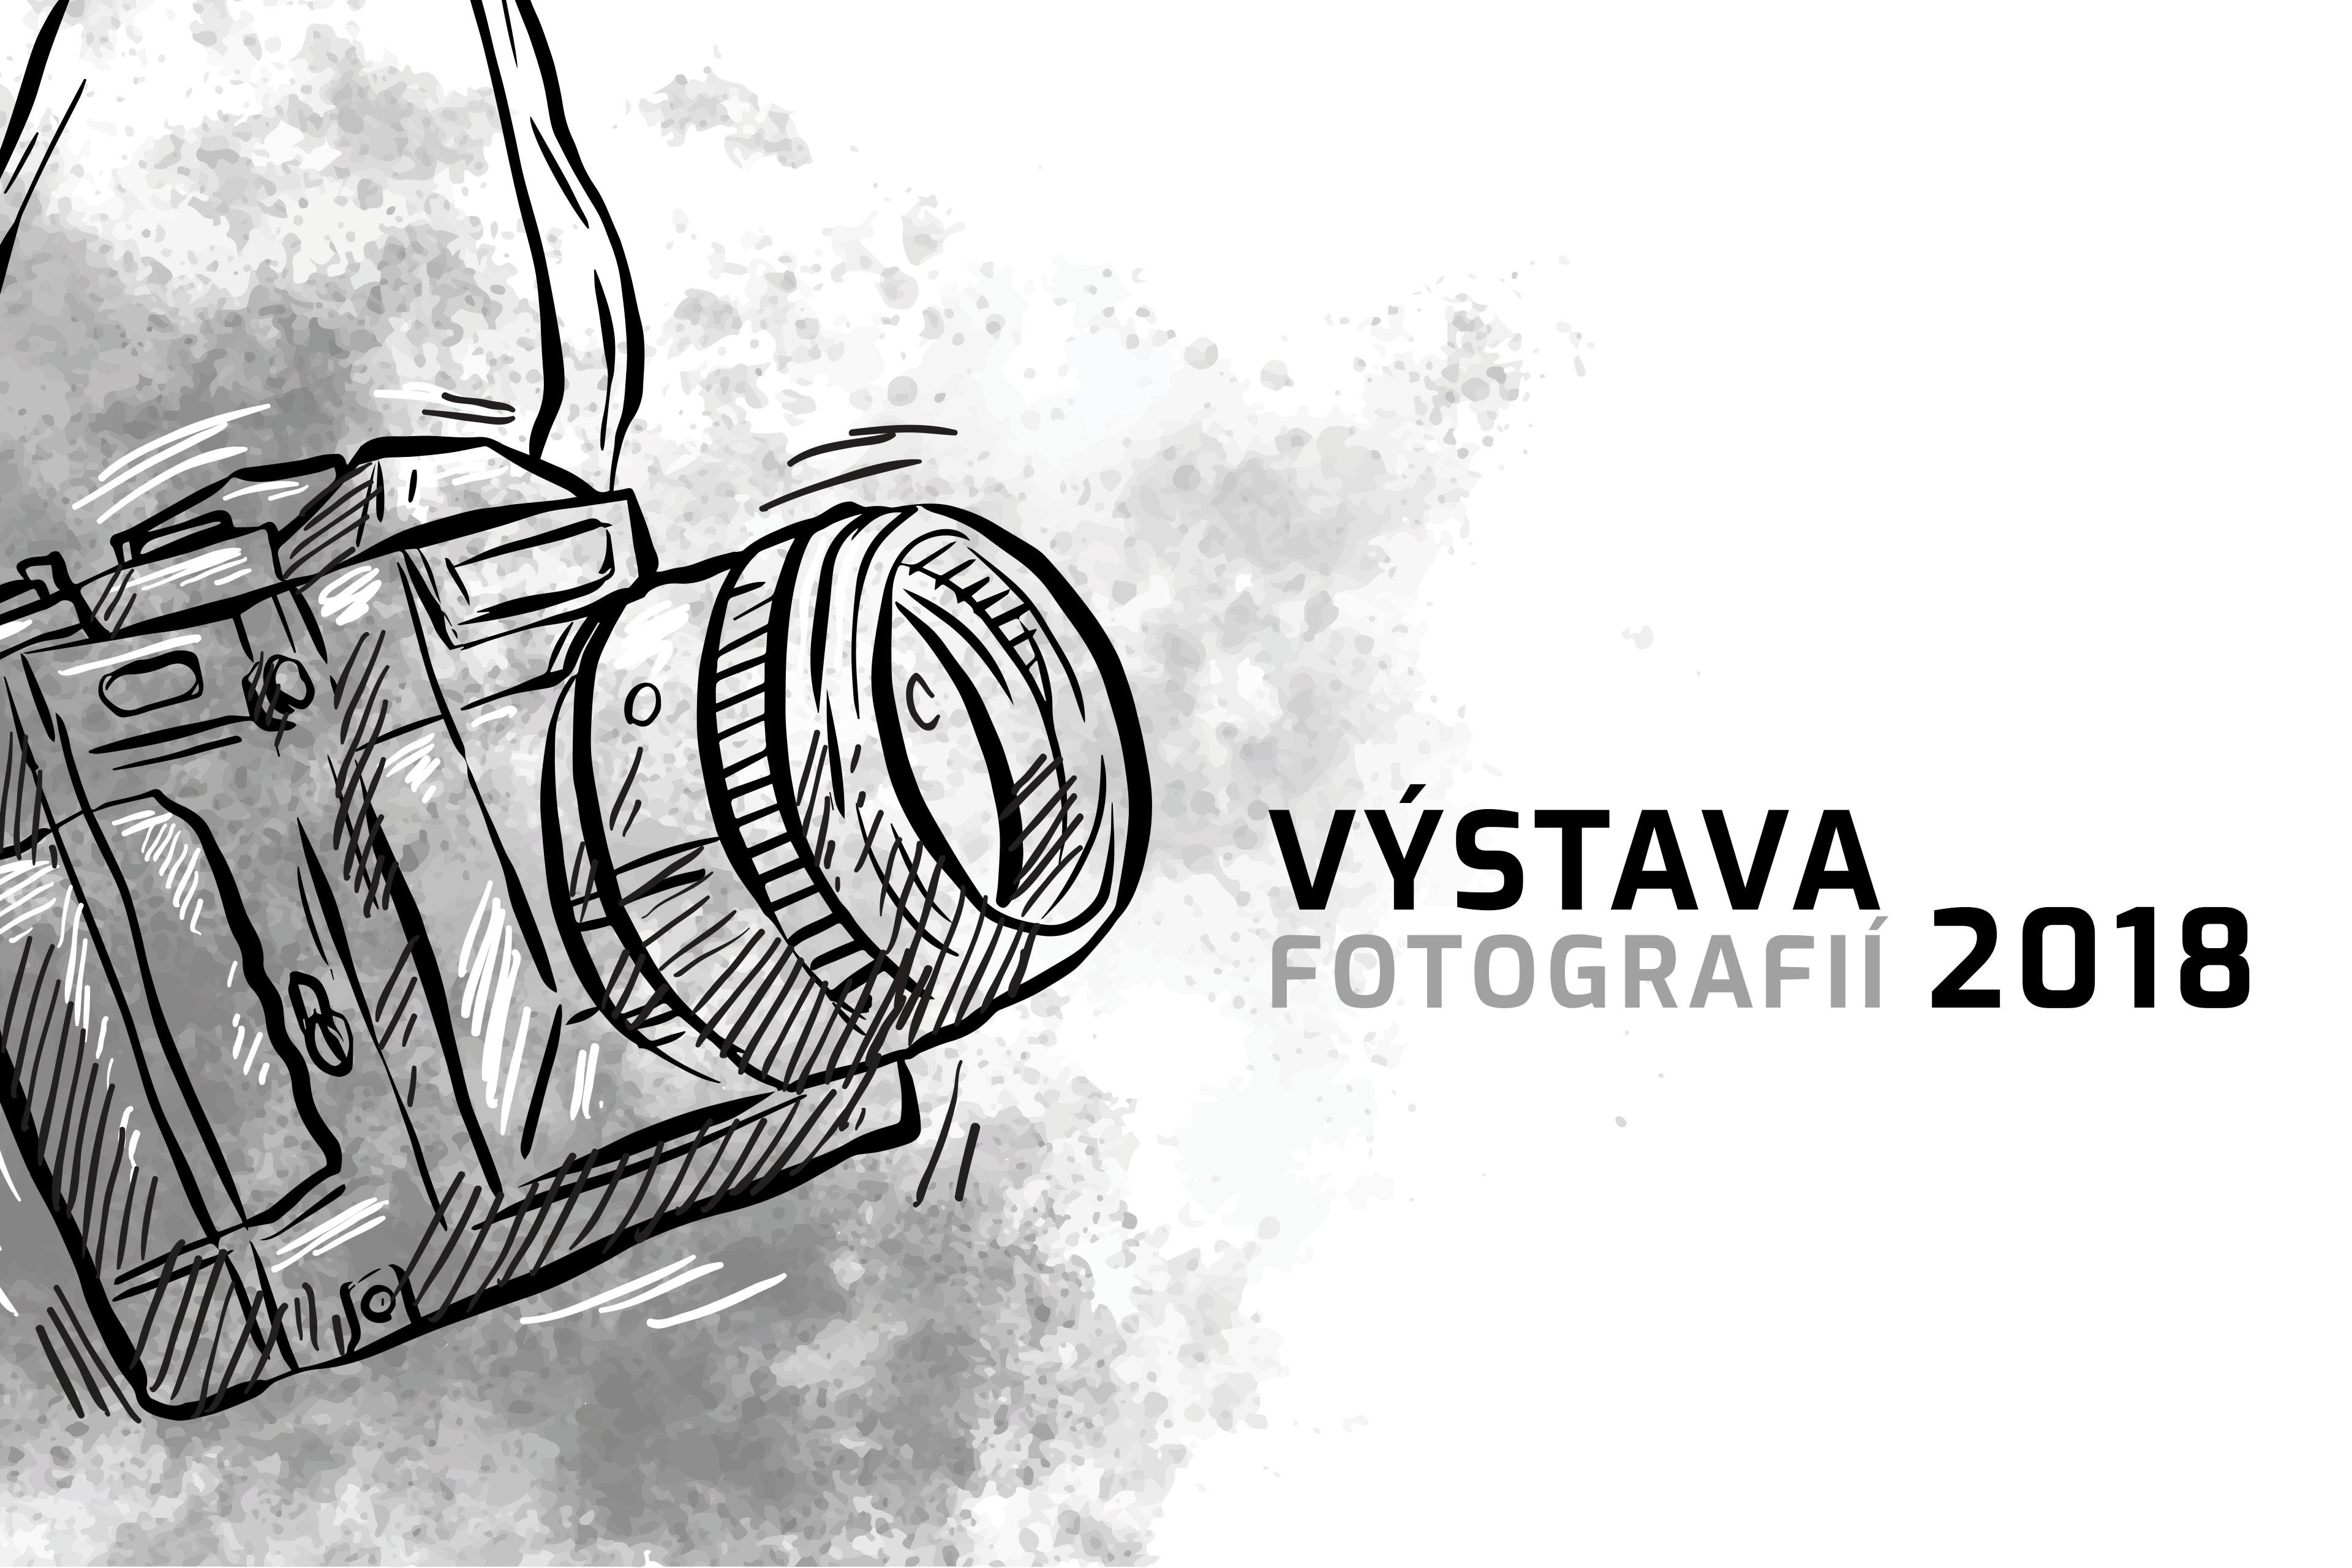 зависимости создать слоган для сайта фотографа благодаря присутствию полимерного